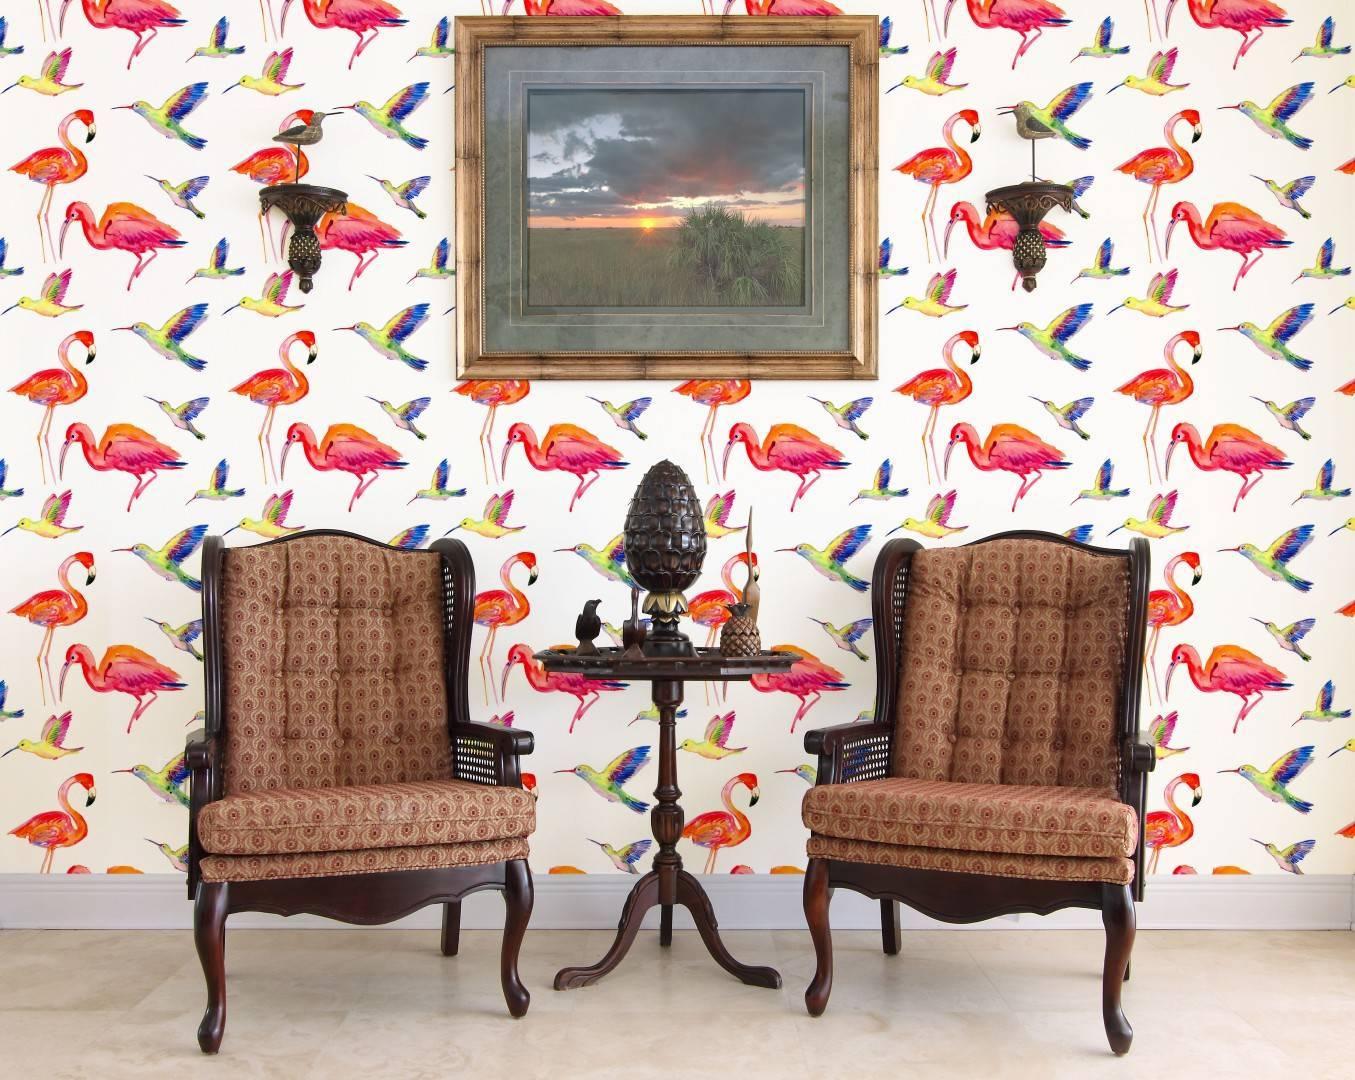 Papel de Parede Adesivo Red Birds /Rolo imagem 4